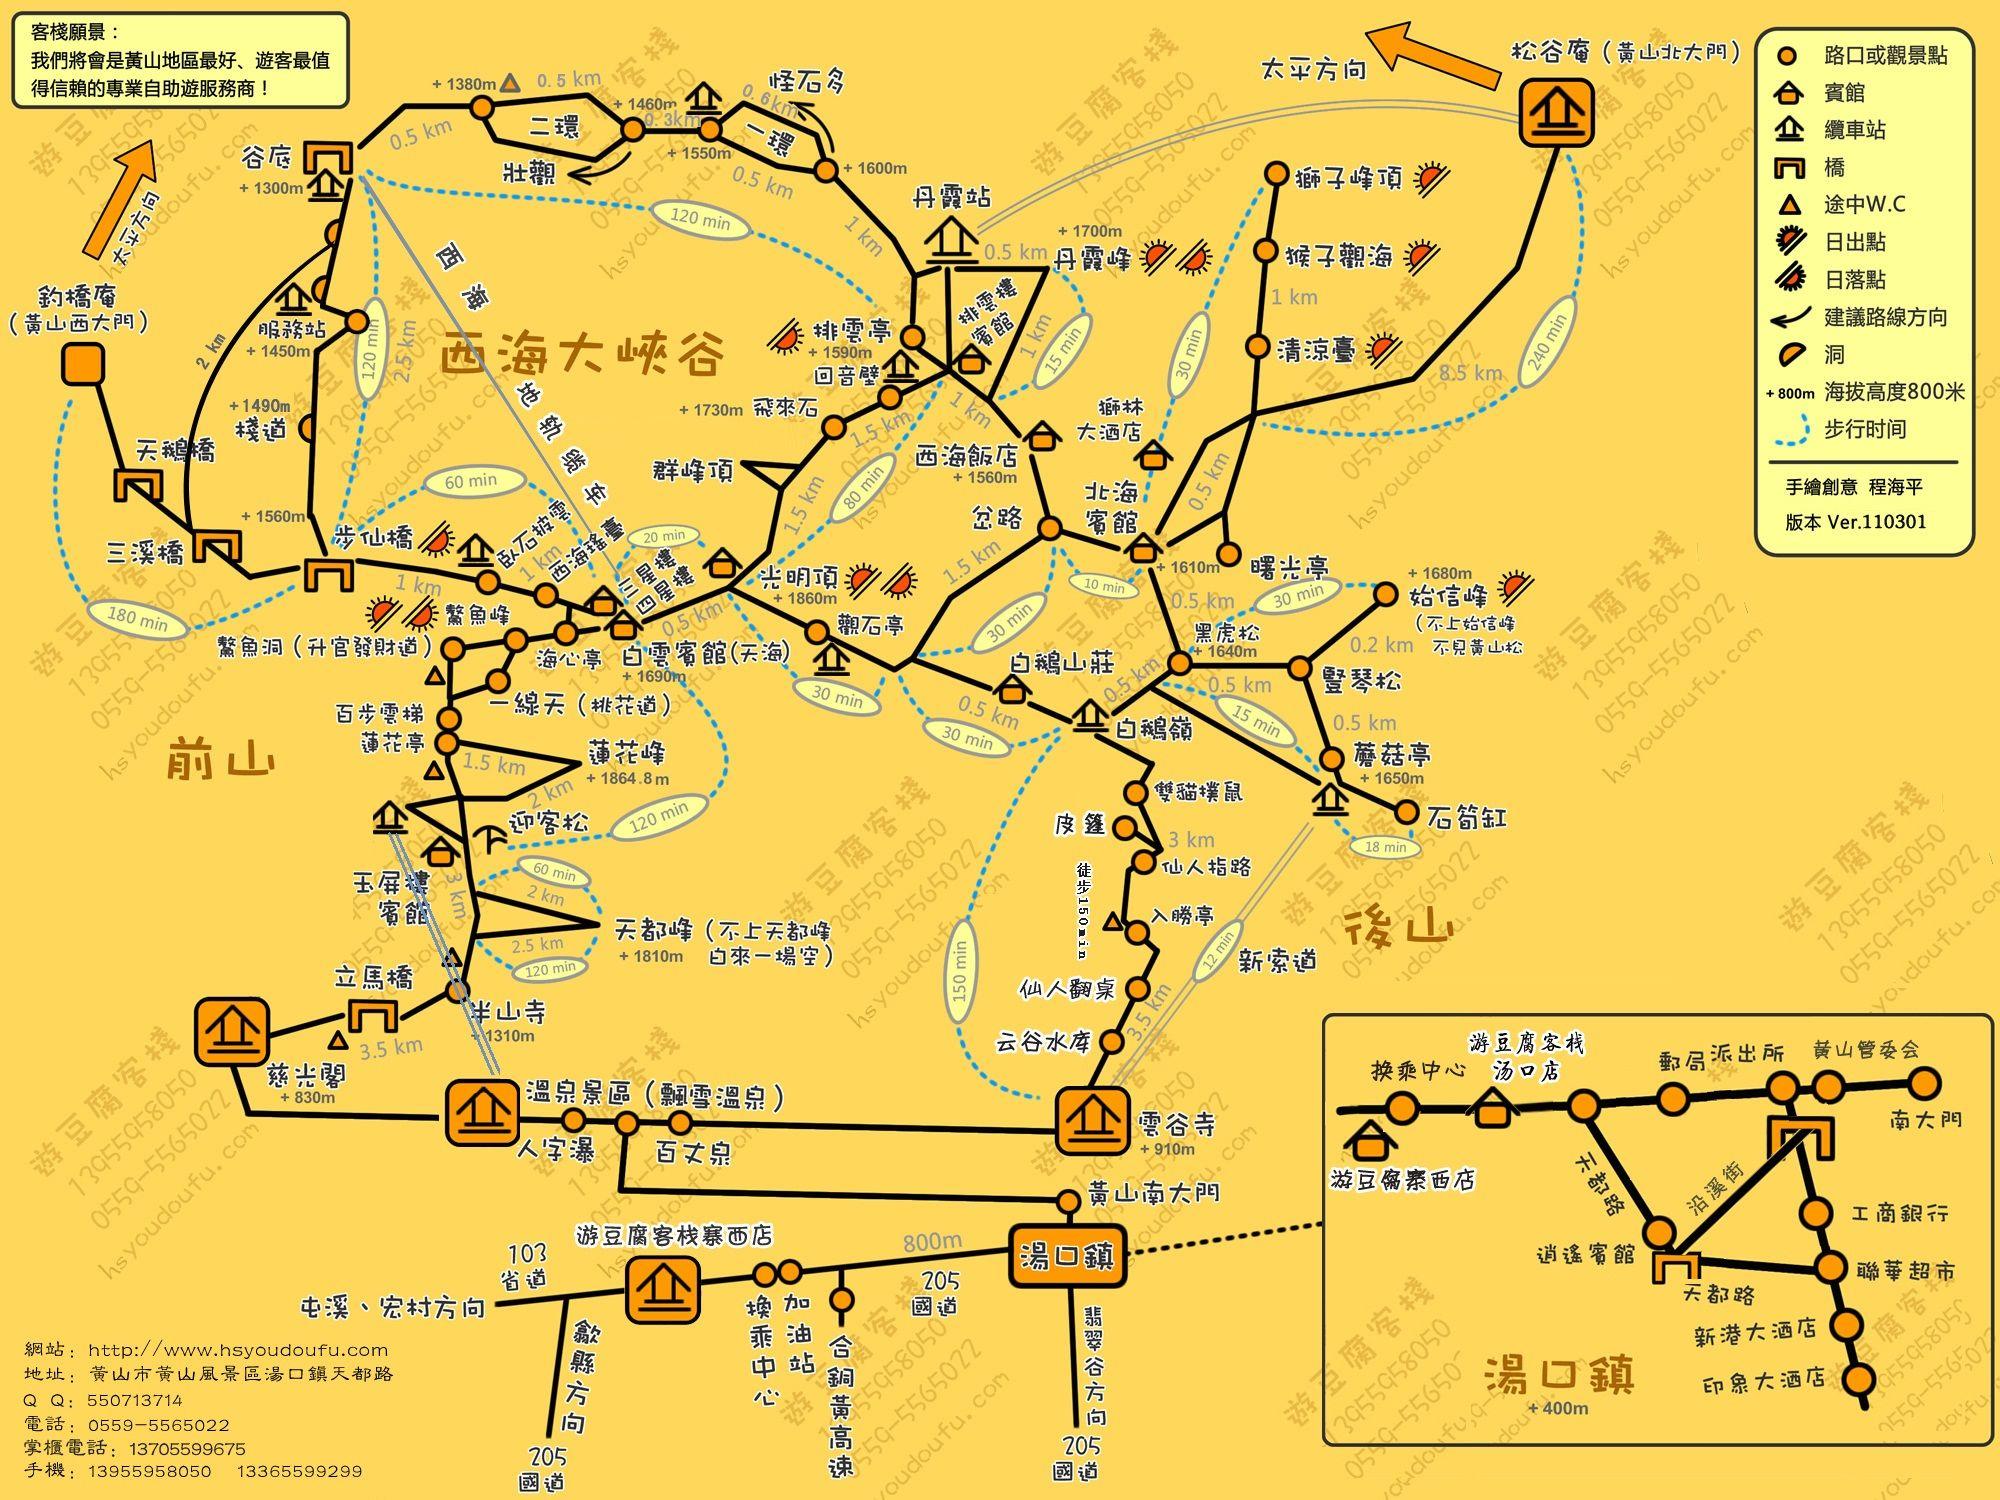 黄山风景区索道时间